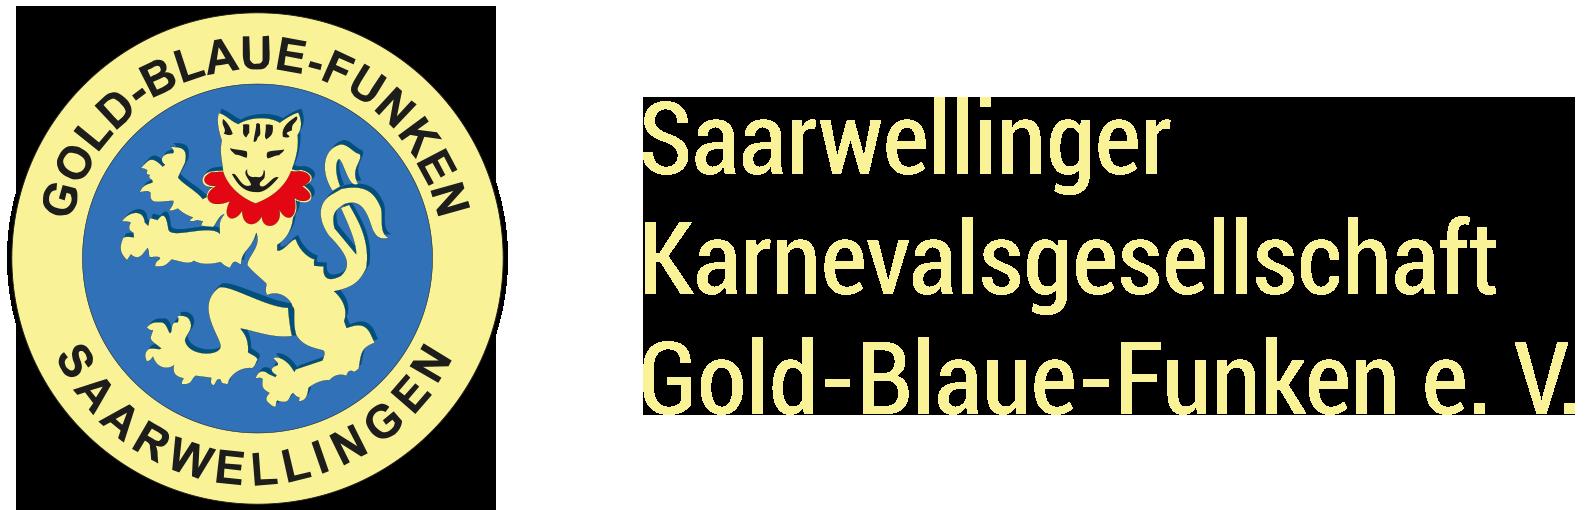 Saarwellinger Karnevalsgesellschaft Gold-Blaue-Funken e. V.